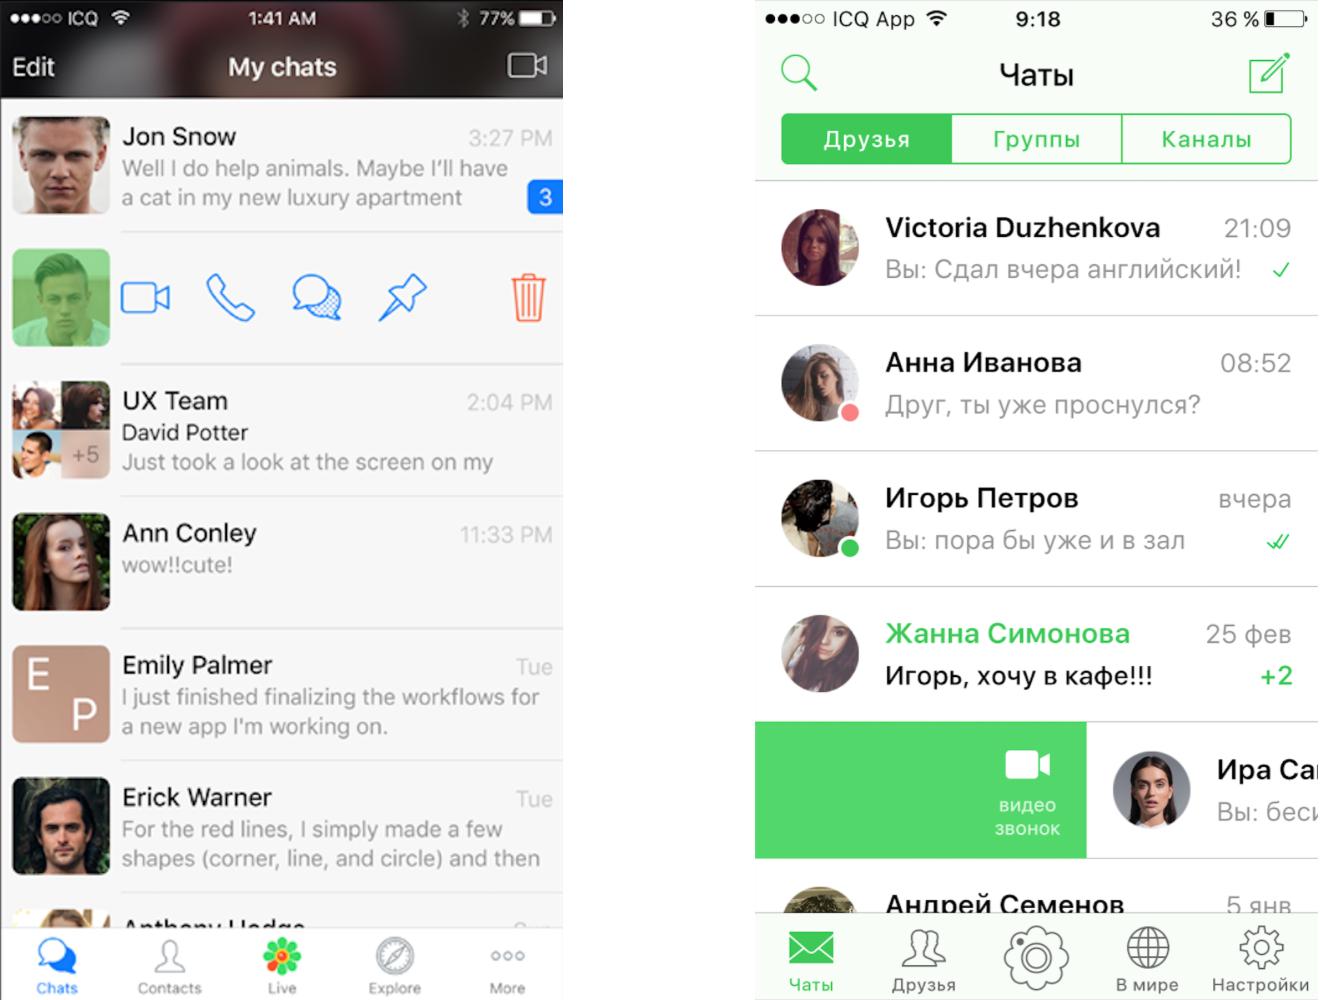 ICQ Contest. Итоги конкурса на редизайн мобильного приложения - 21